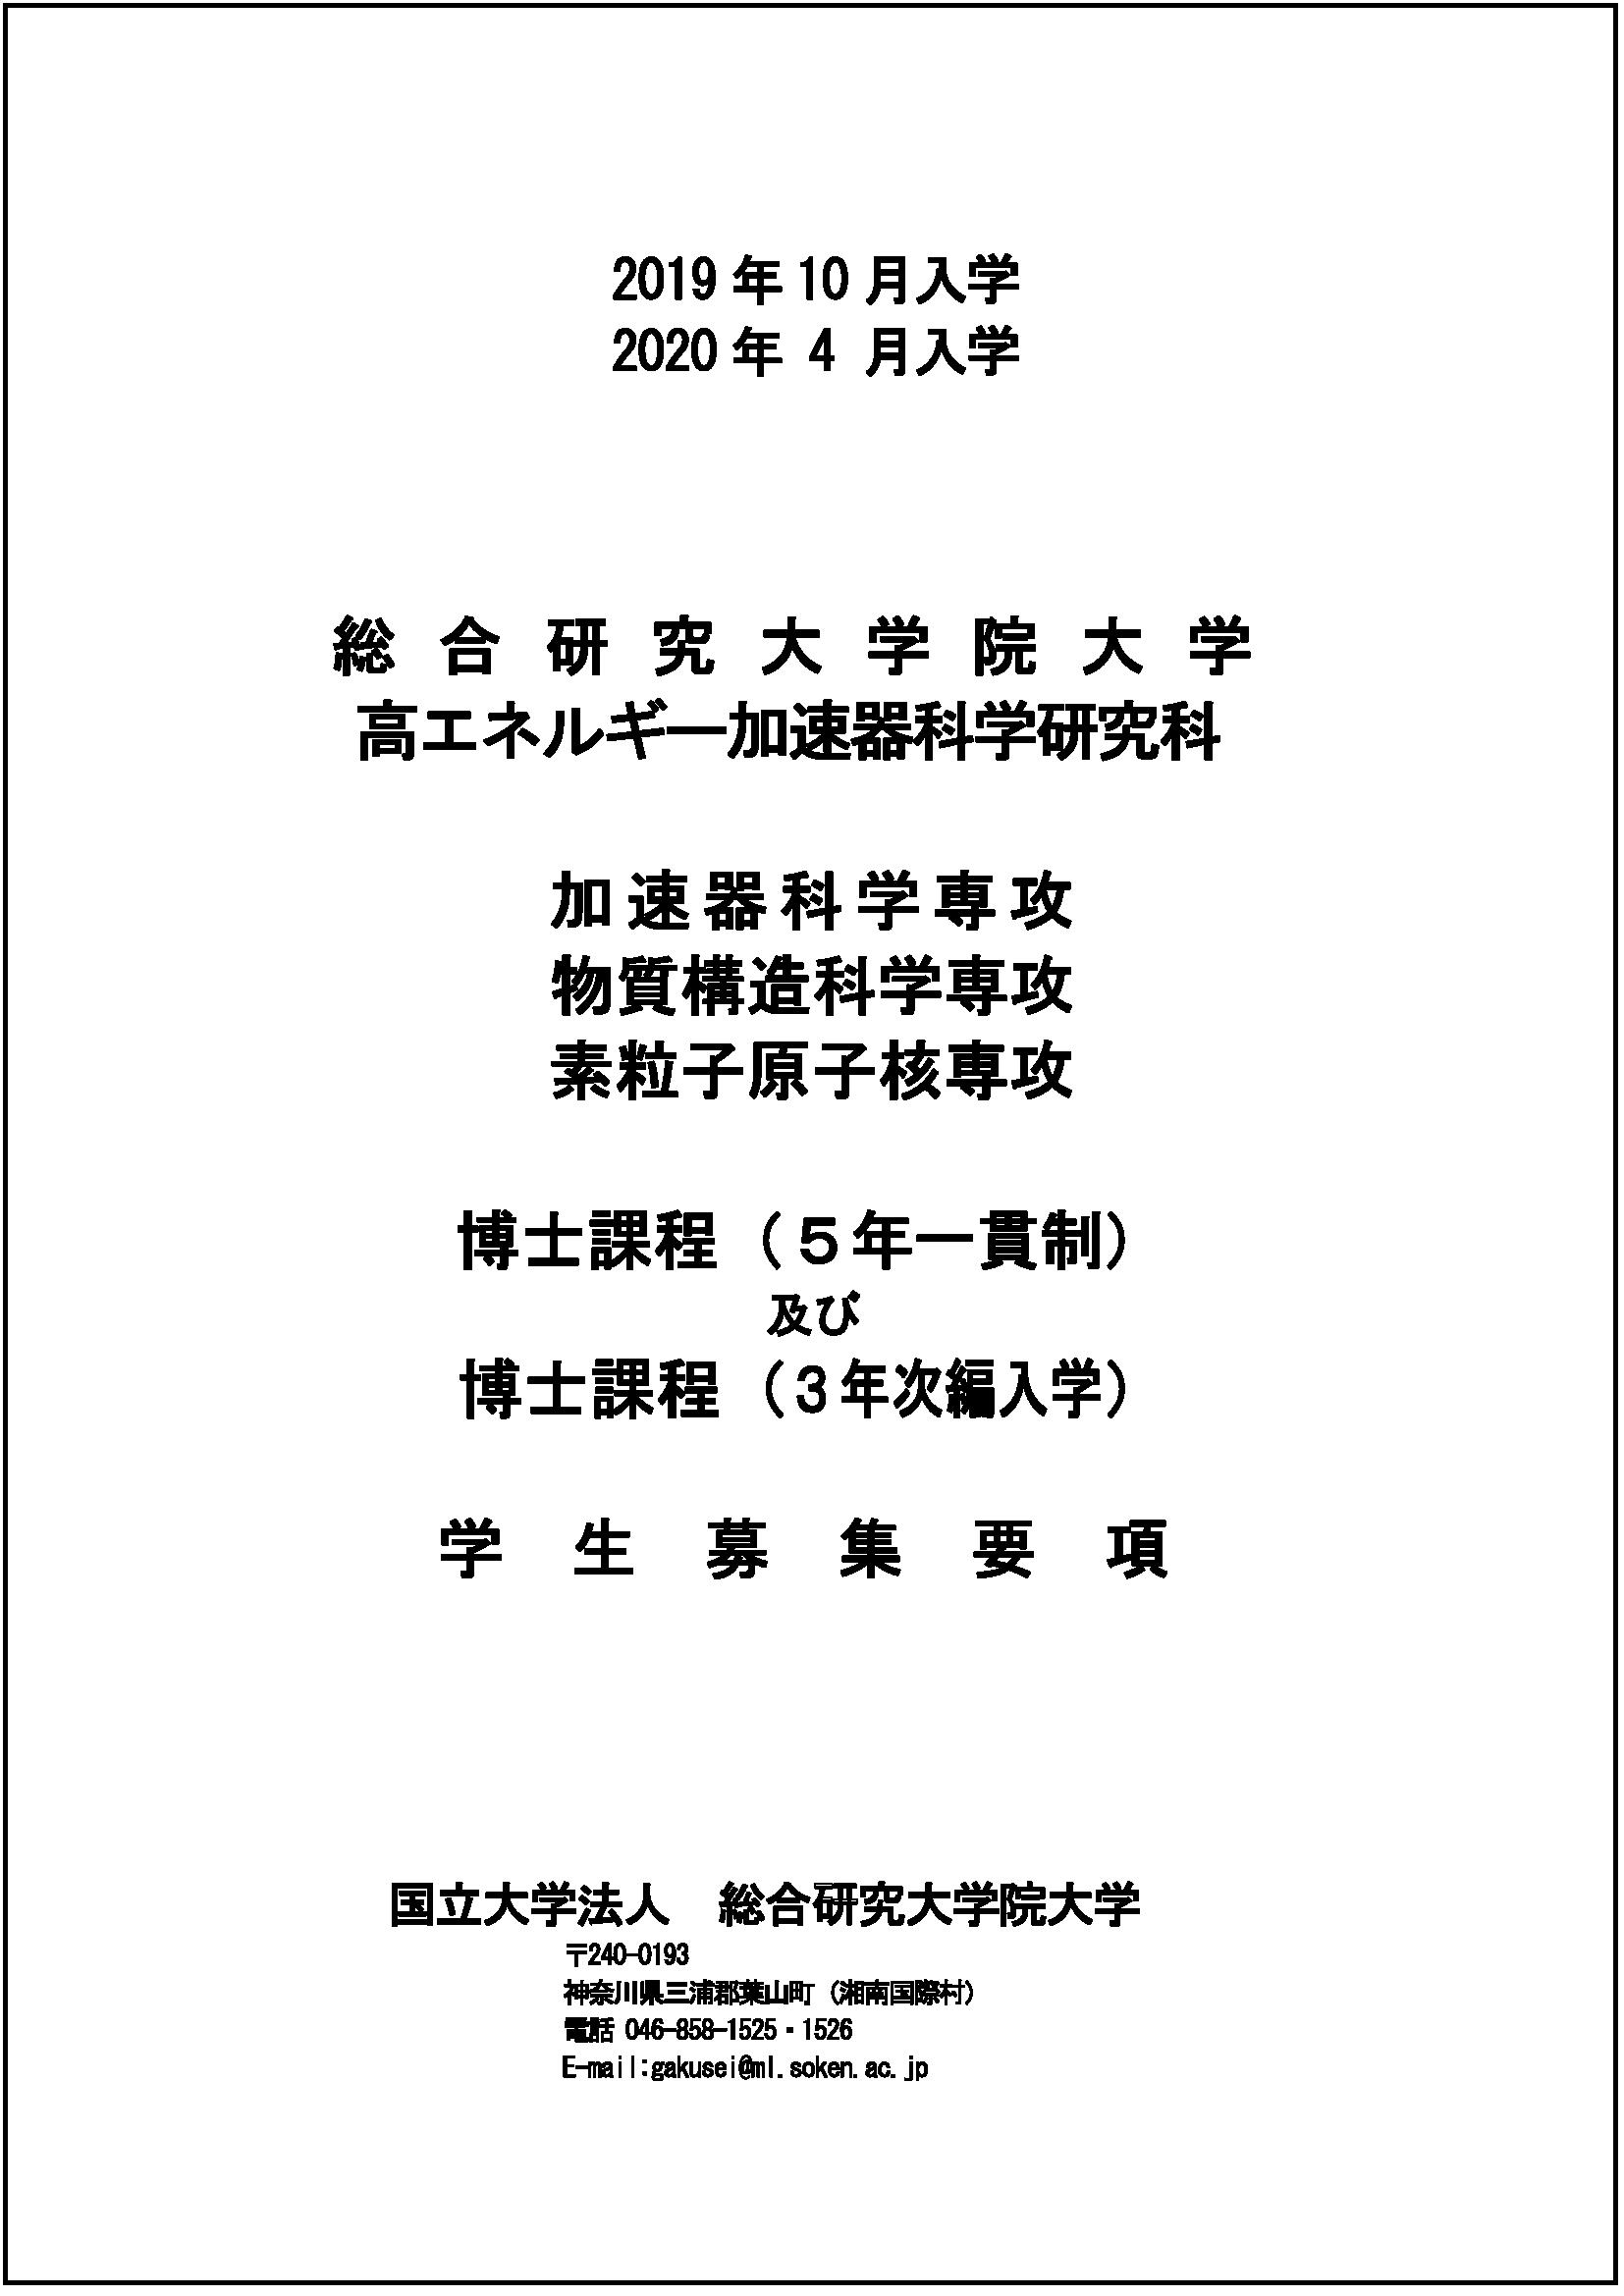 2019年10月入学及び2020年4月入学版 一般入試 学生募集要項